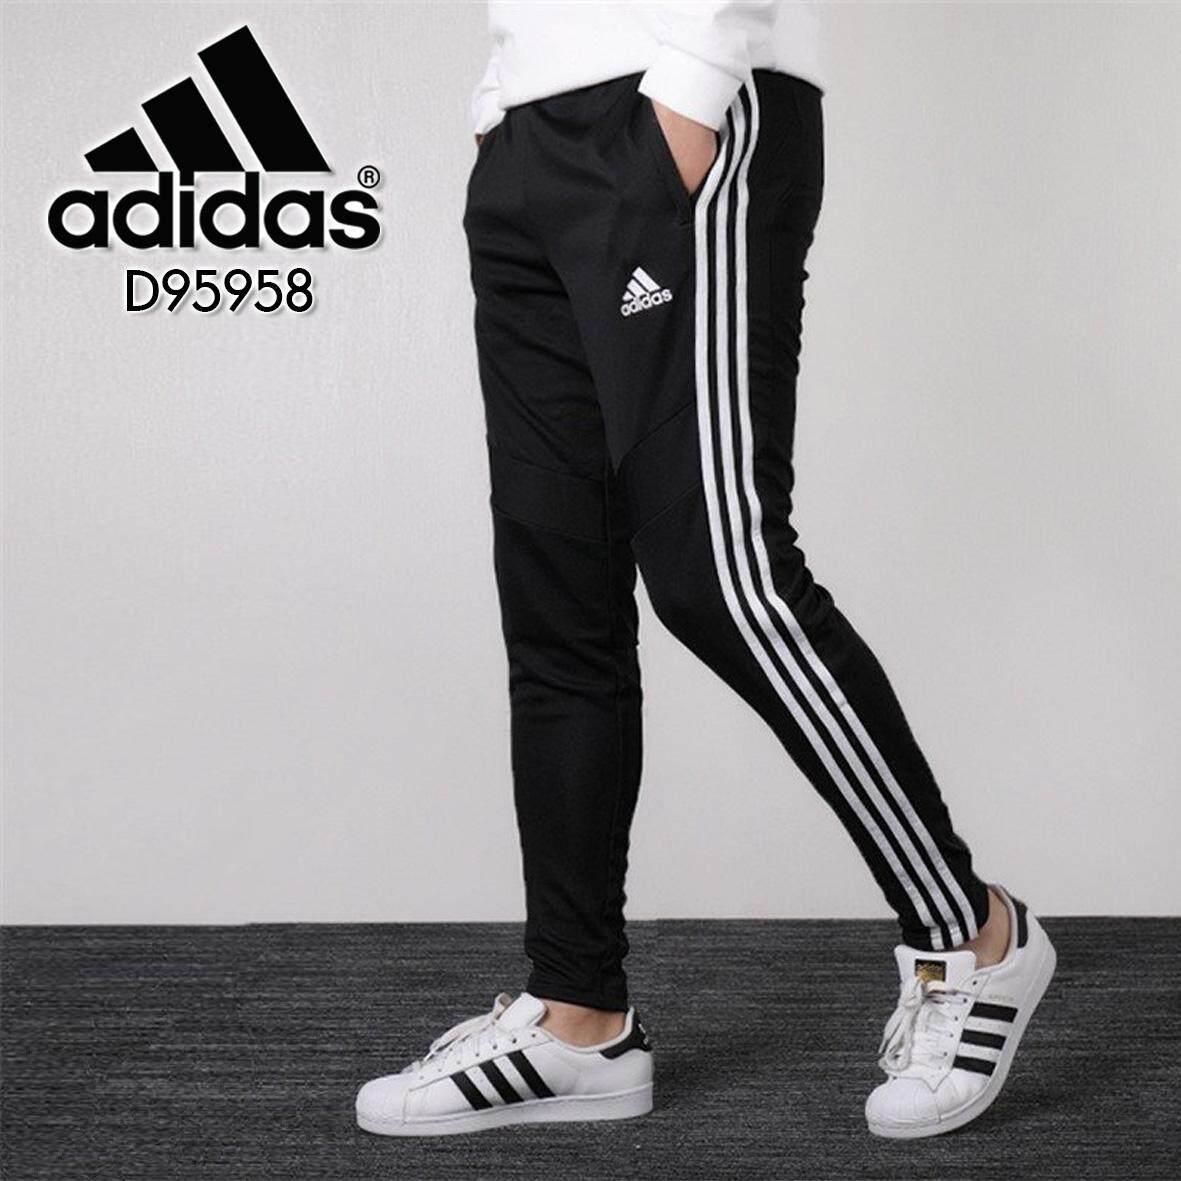 ☁ ขาย Adidas อาดิดาส กางเกง เทรน Taning Man Pants Tiro 19